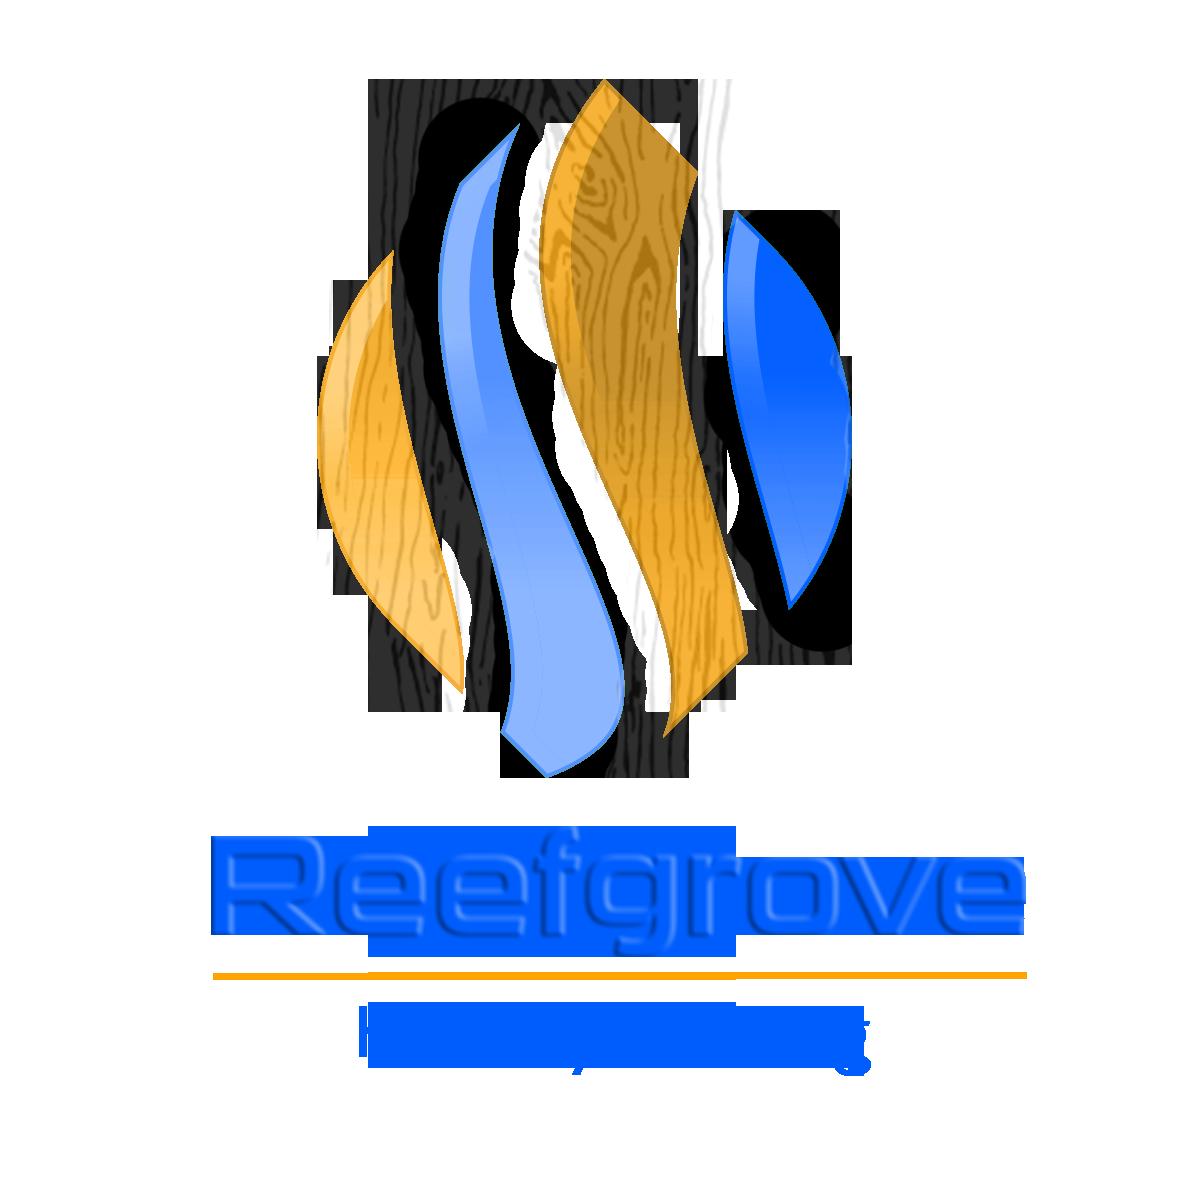 Reefgrove